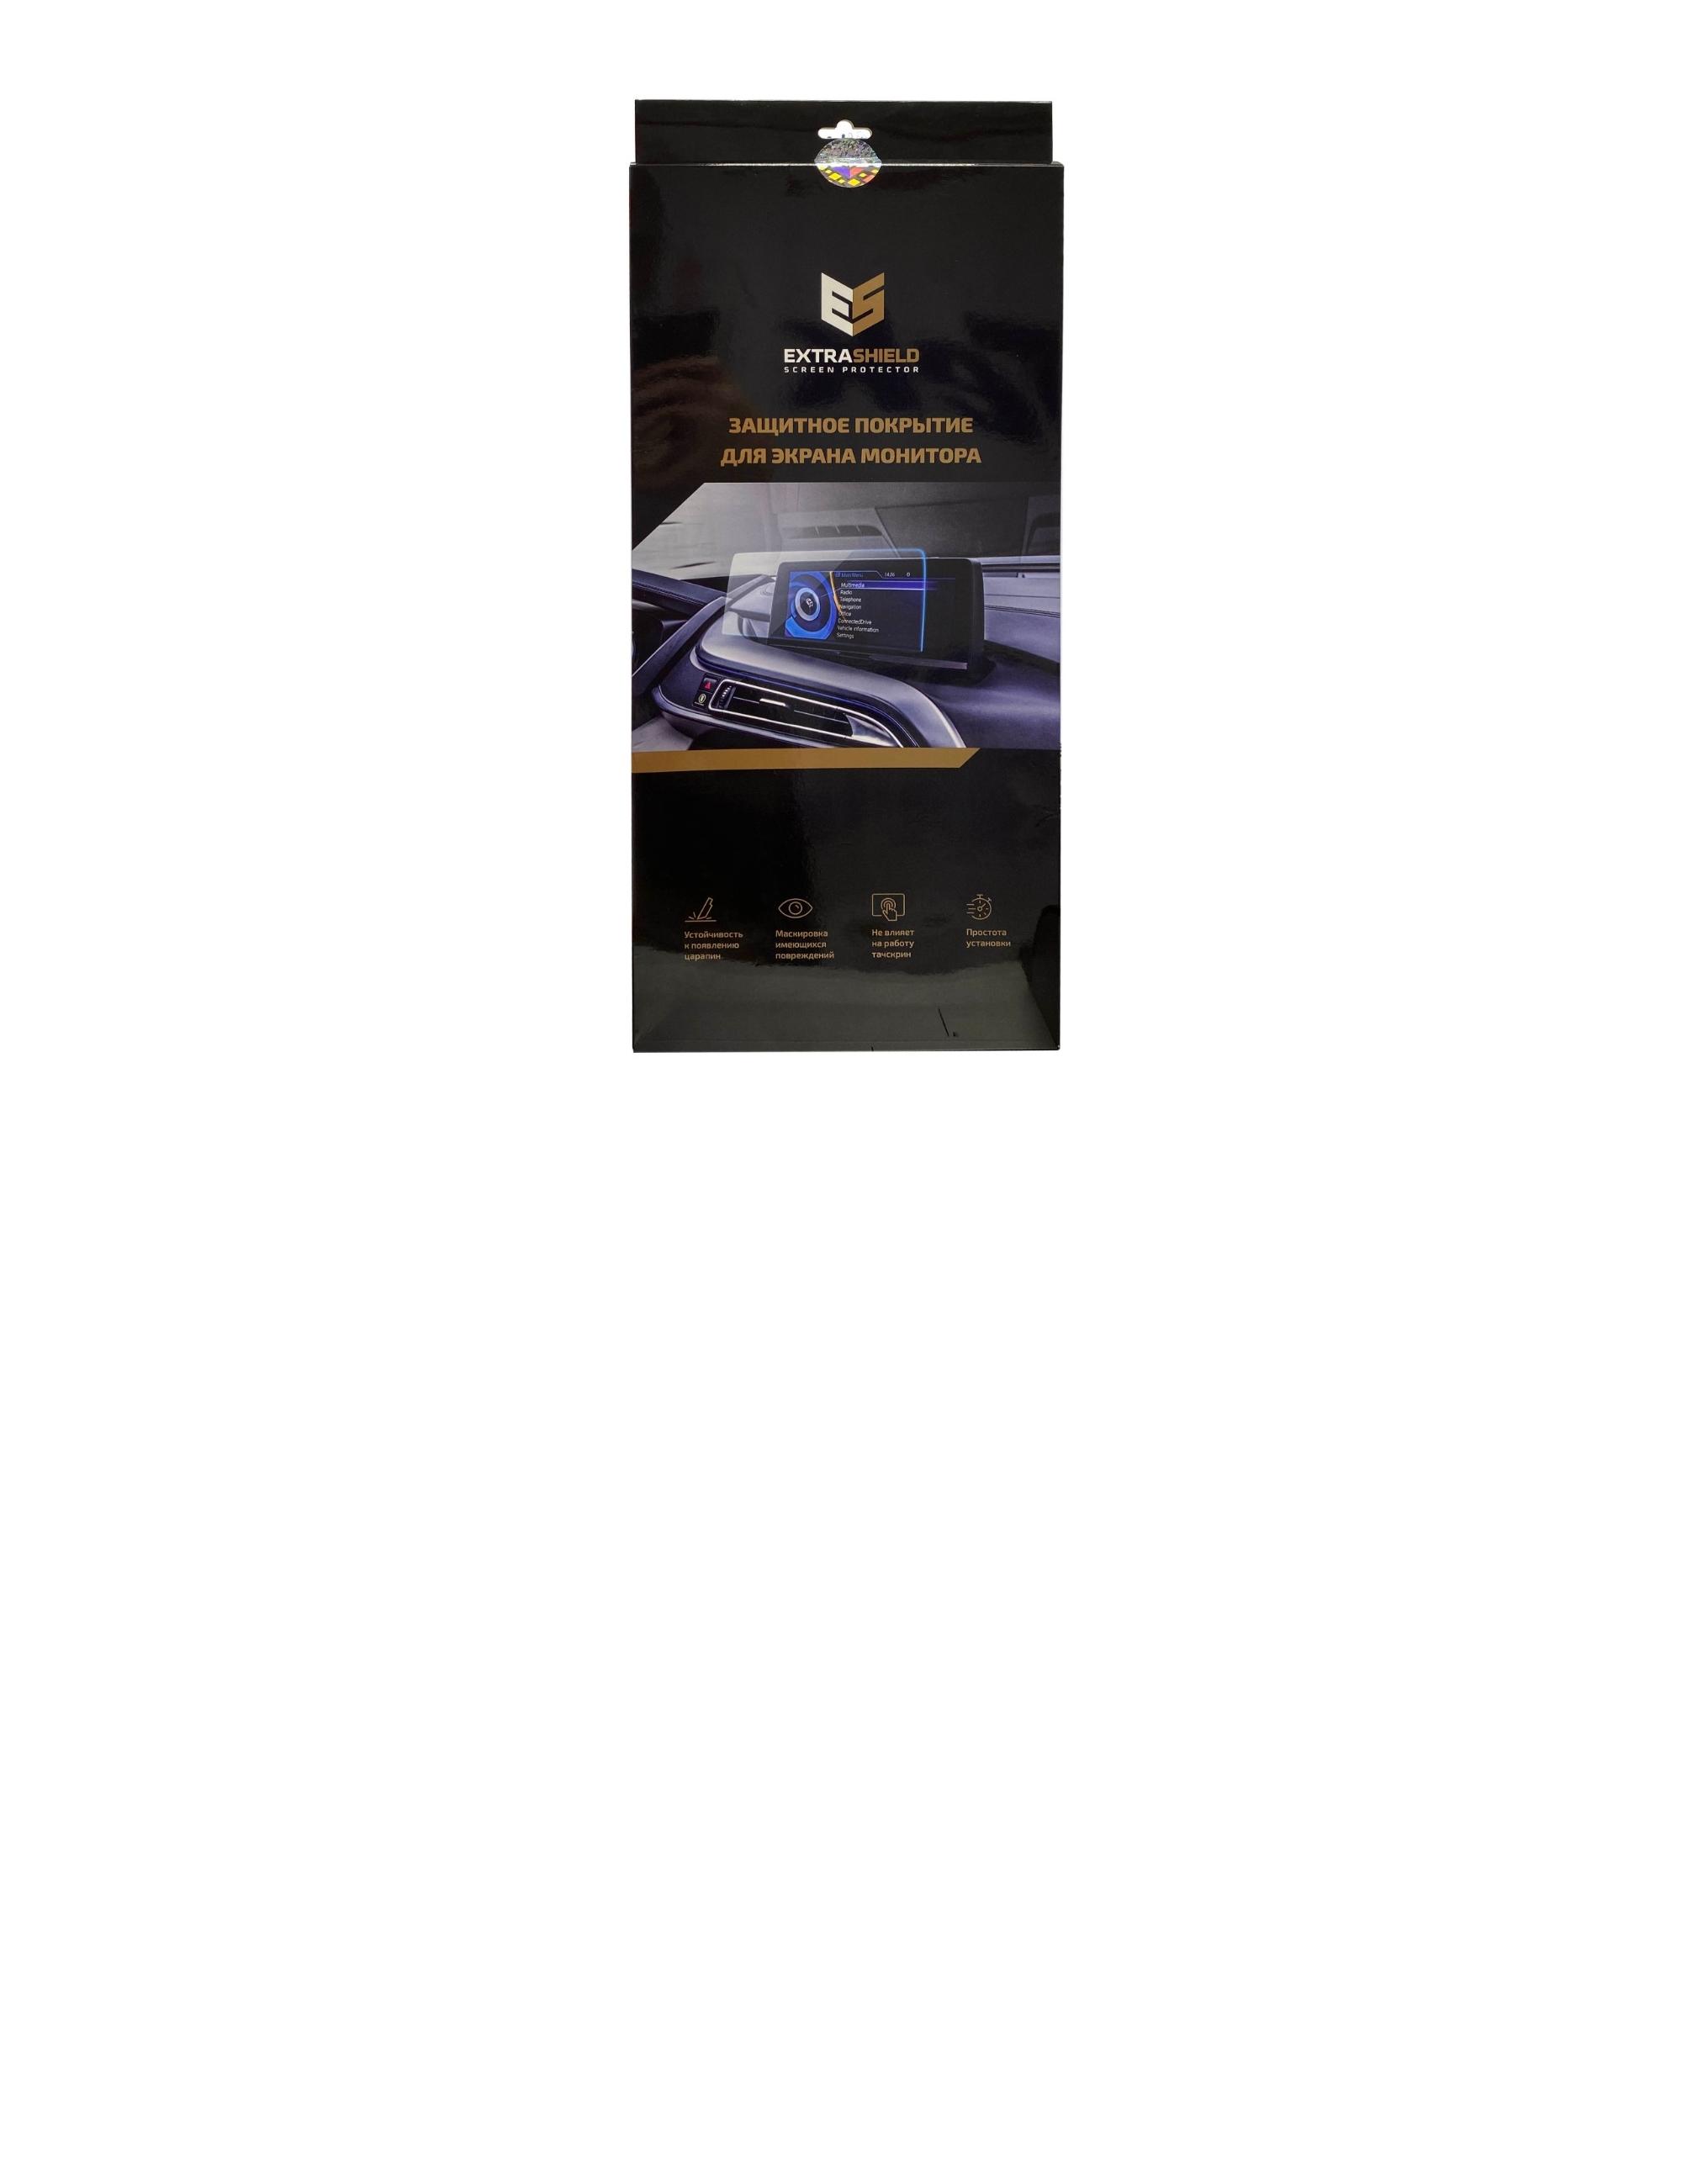 BMW 5 серия  (F10/ F11/ F07) 2013 - 2017 мультимедиа NBT 8,8 Статическая пленка Матовая